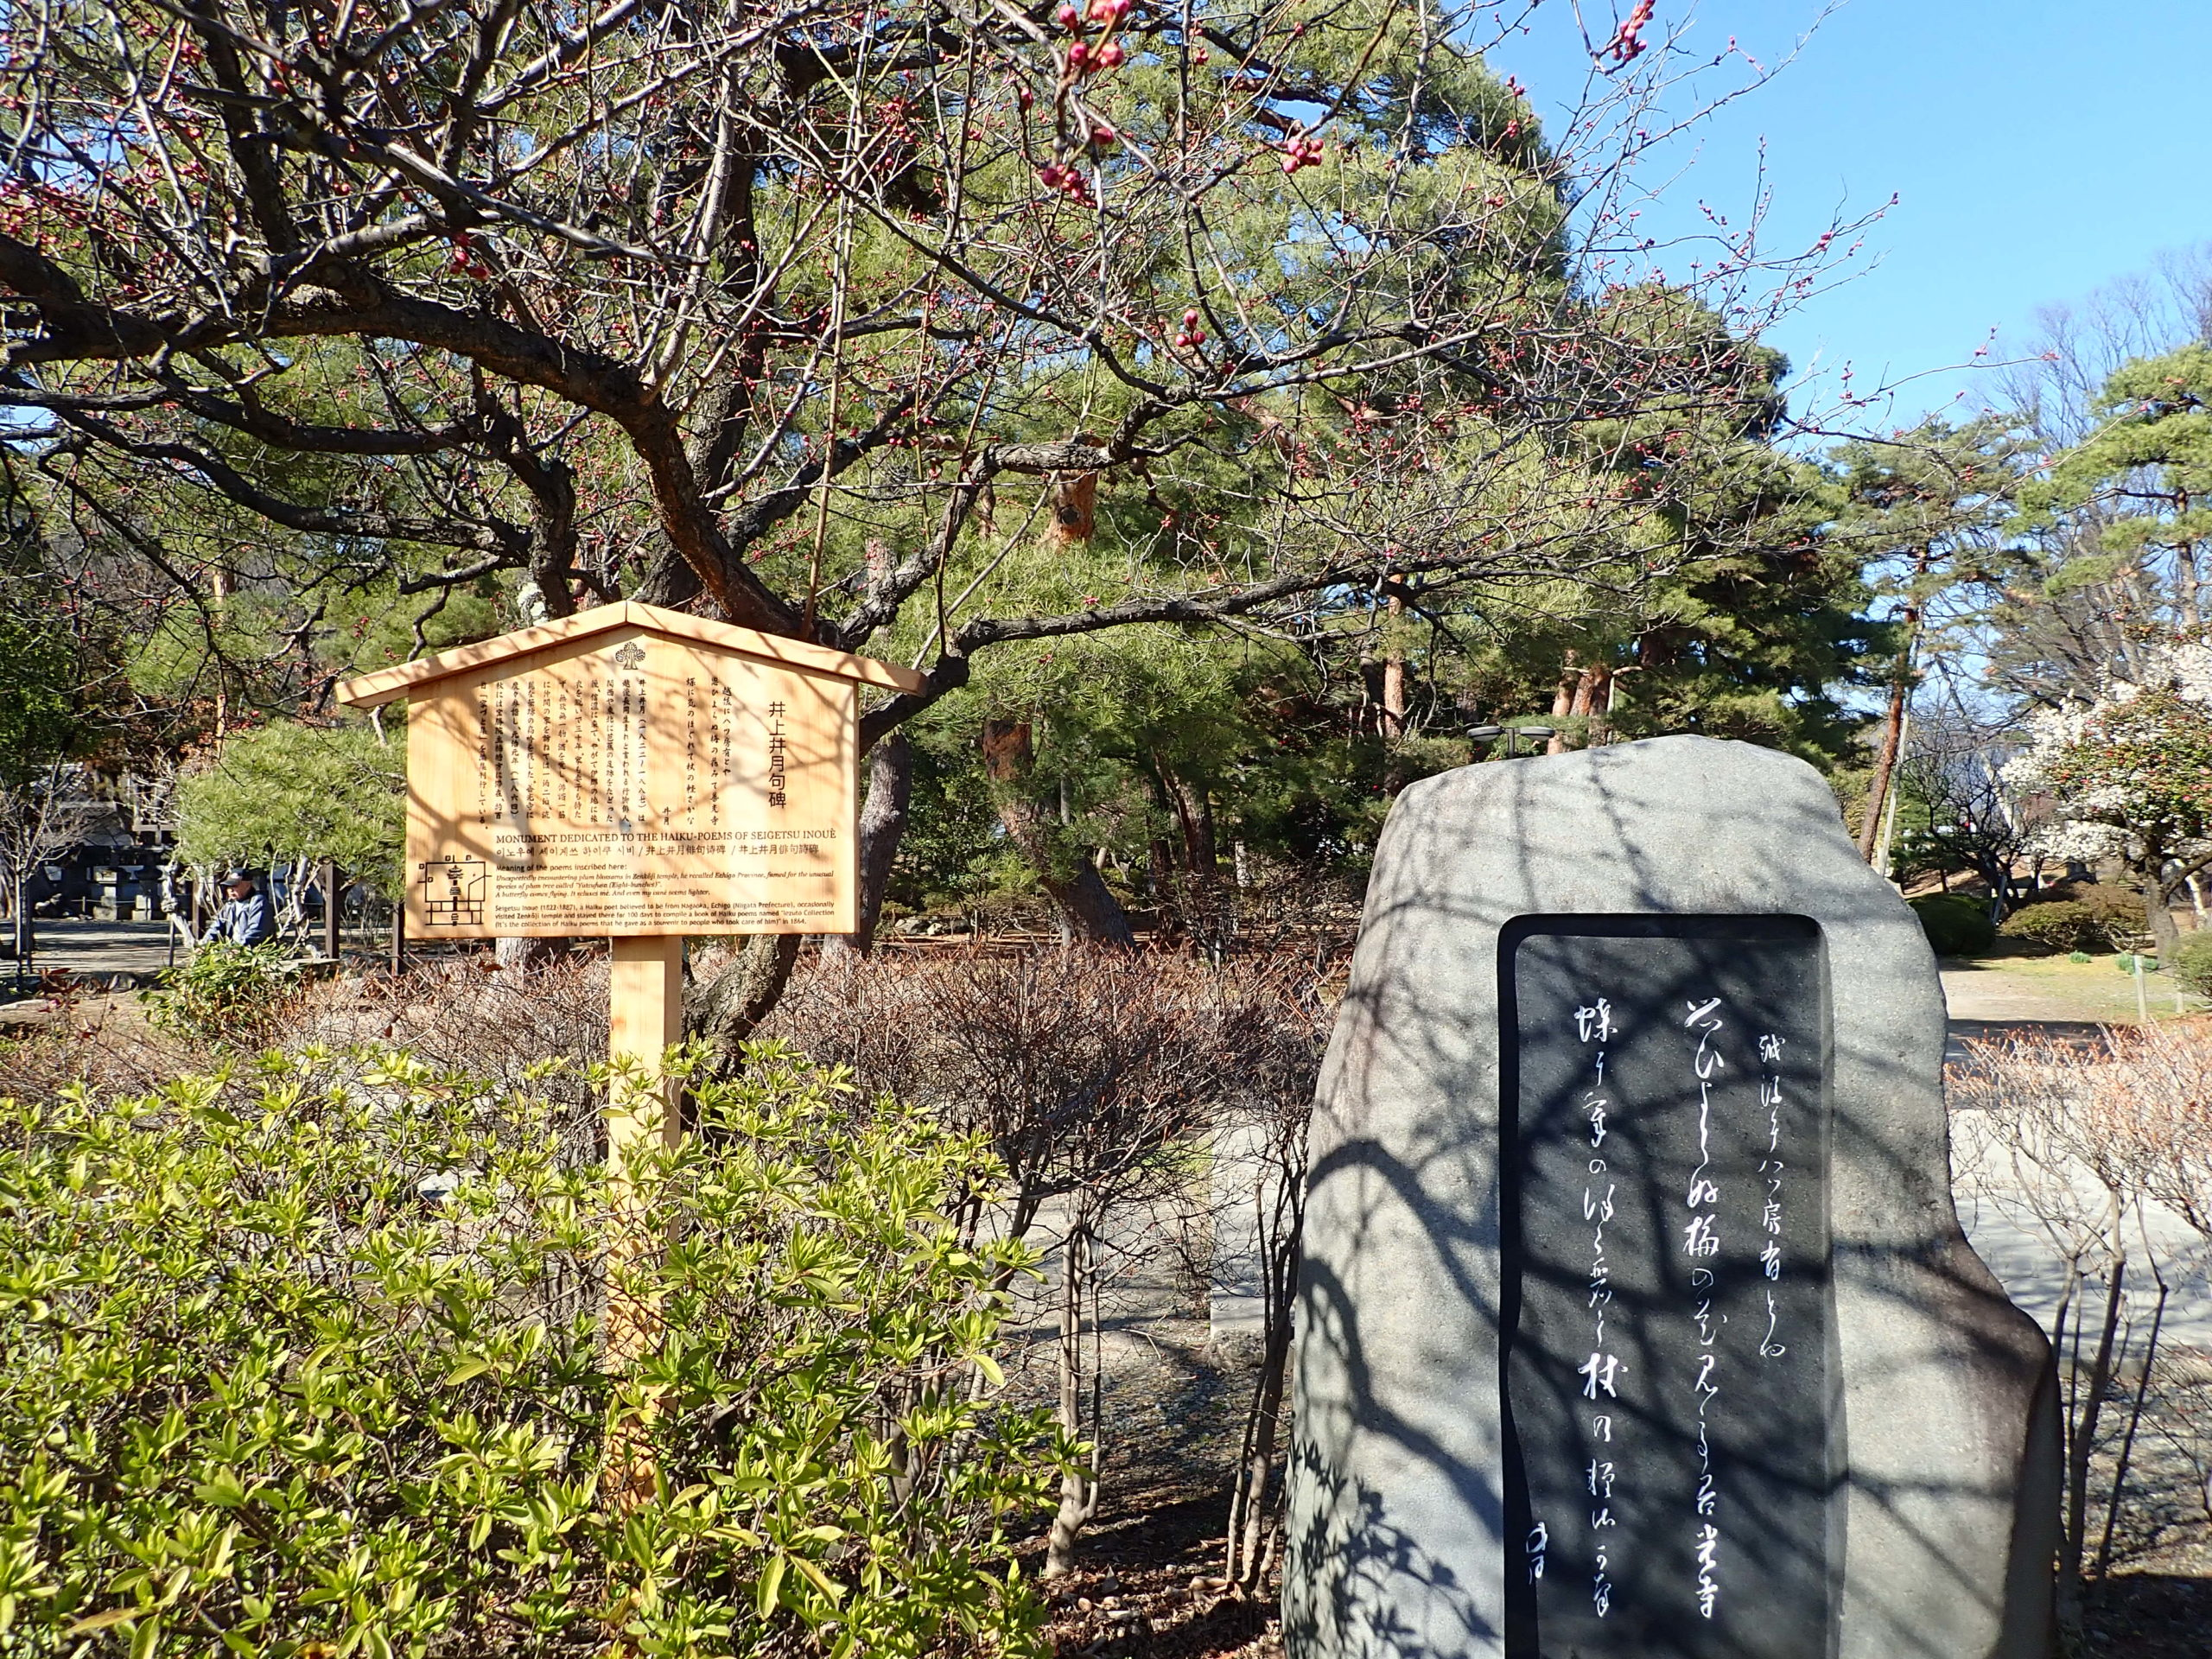 善光寺の境内にある井上伊月句碑